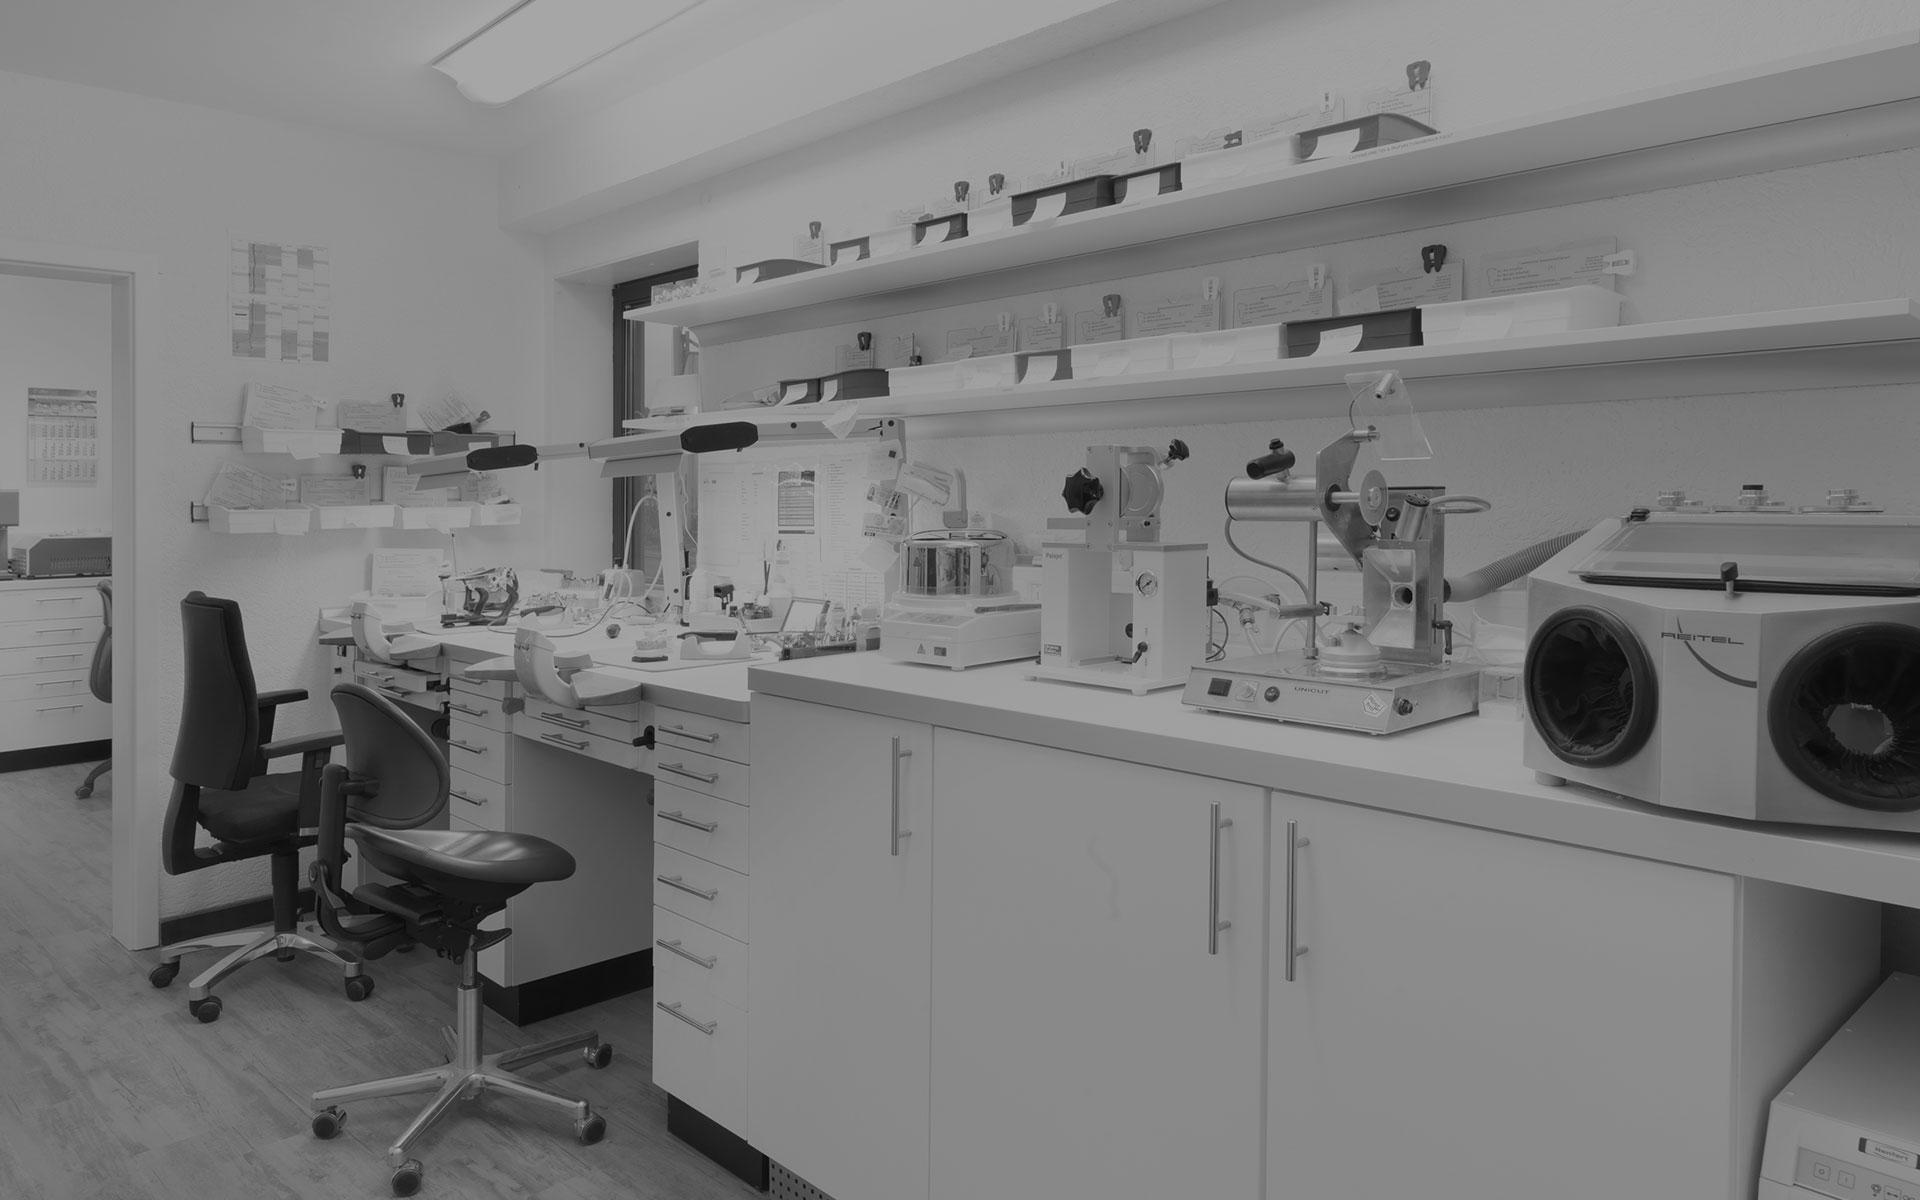 Zahntechnisches Labor in grau